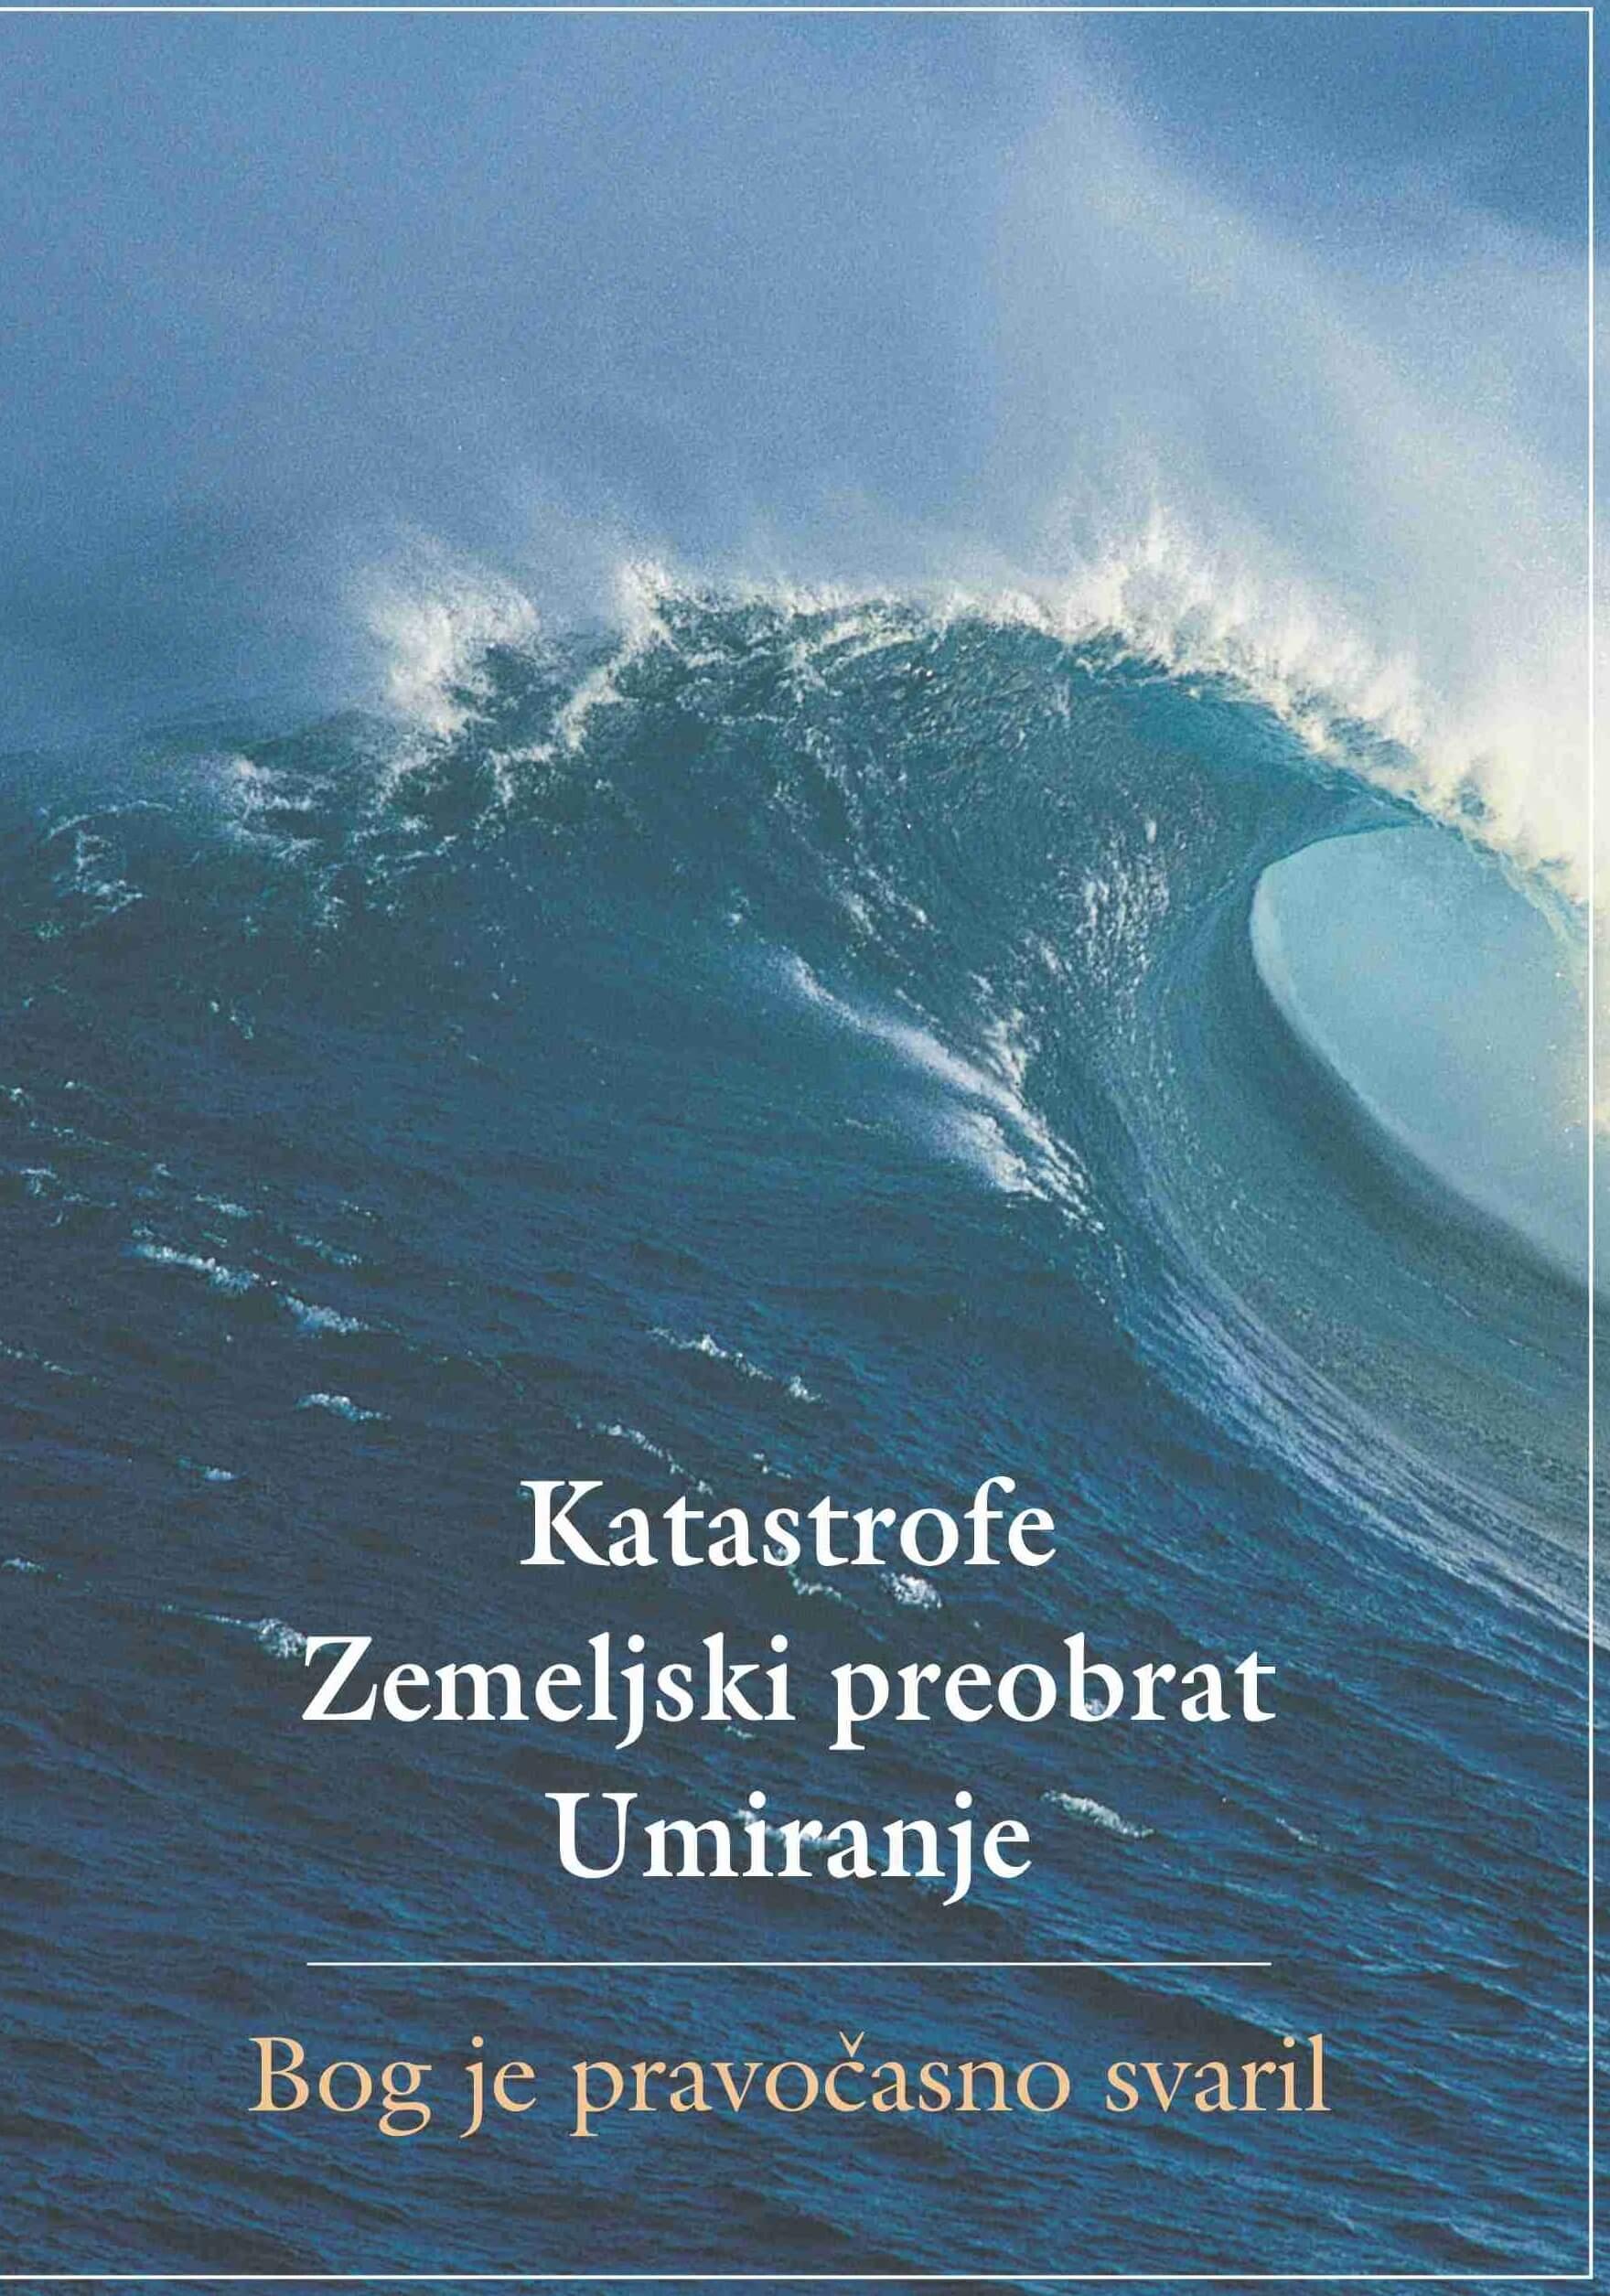 Bog ljudem ne pošilja katastrof,<br /> nasprotno: